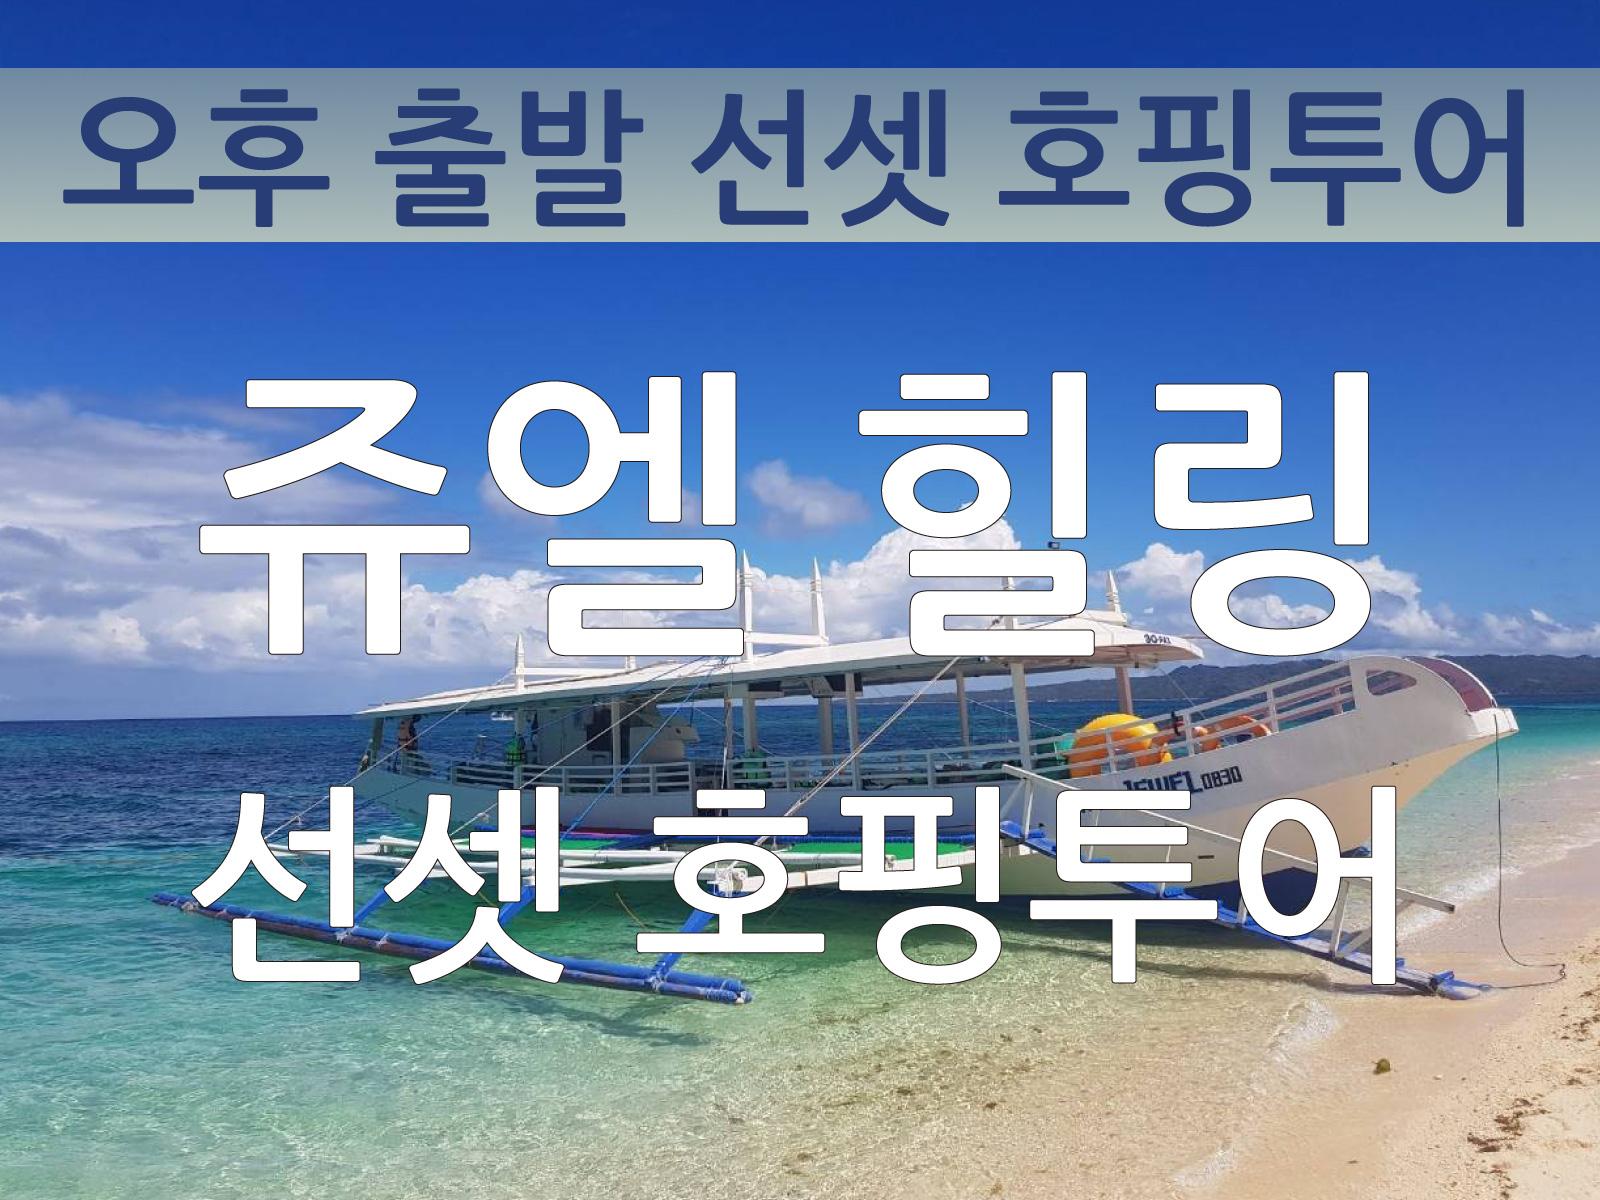 [오후출발]쥬엘 힐링 선셋 호핑투어 - 실속형 호핑